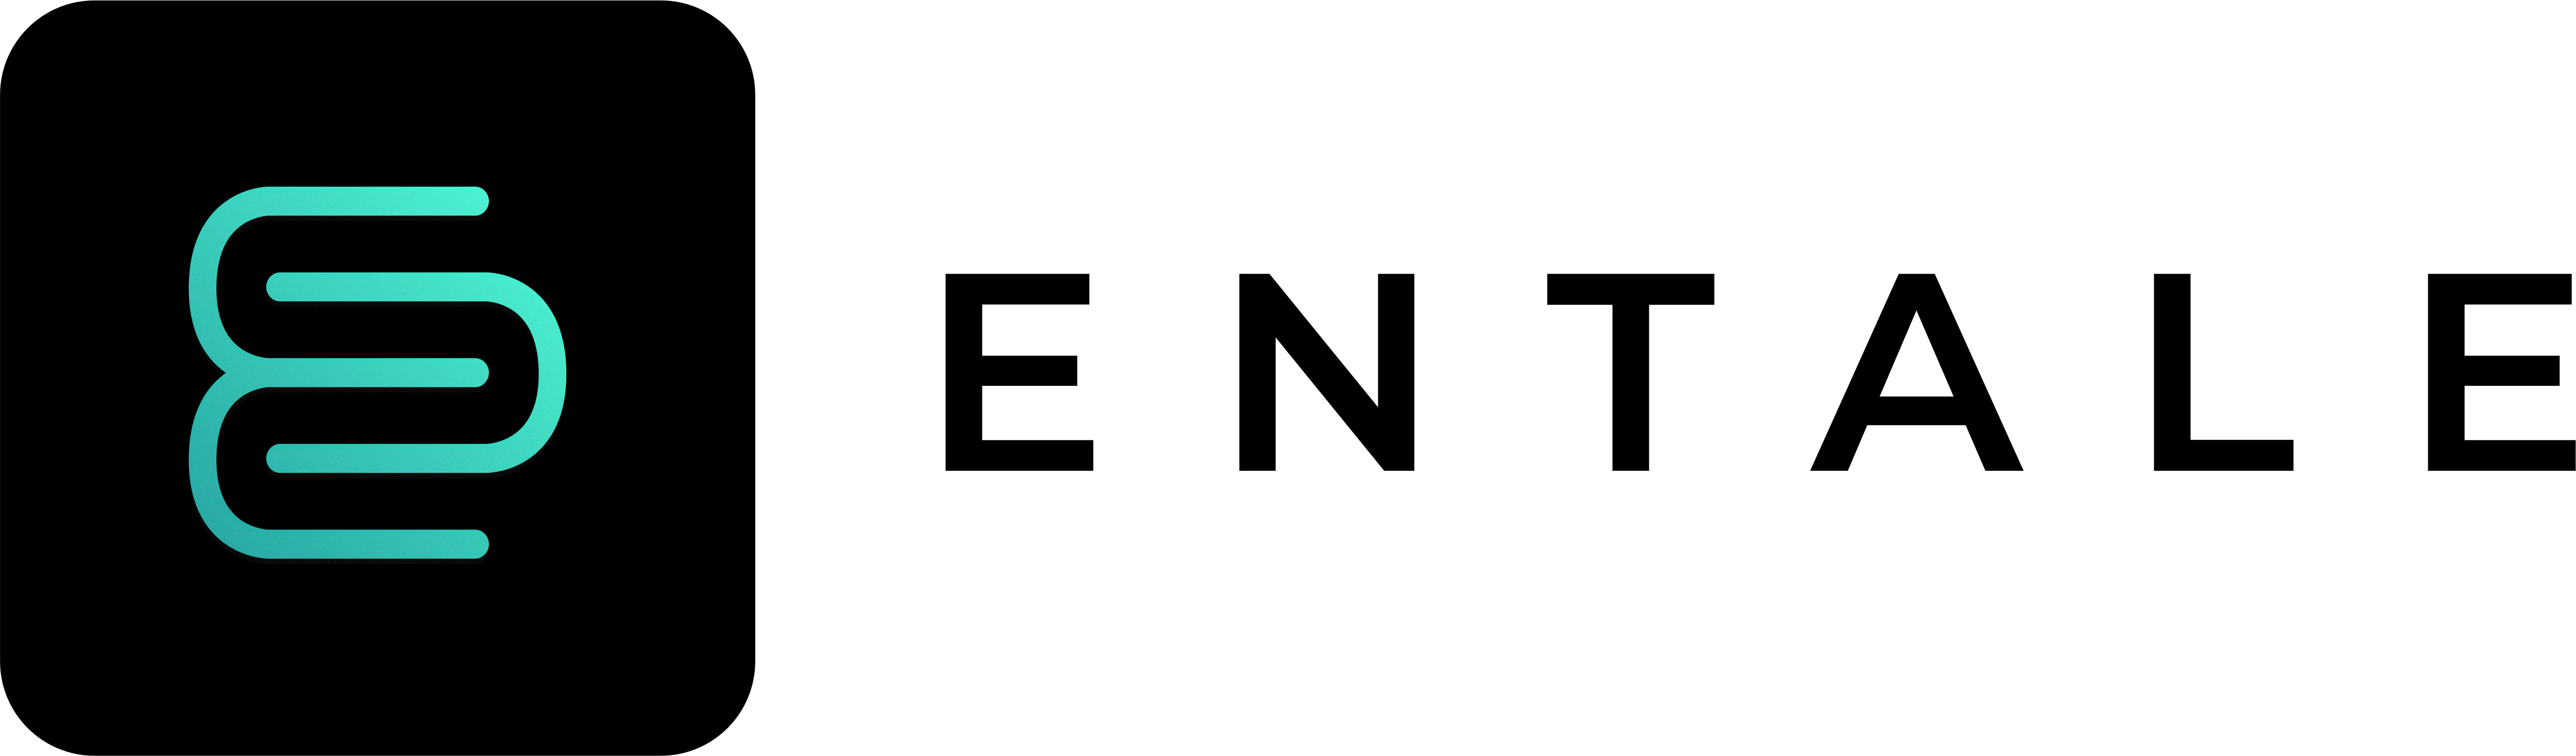 Entale